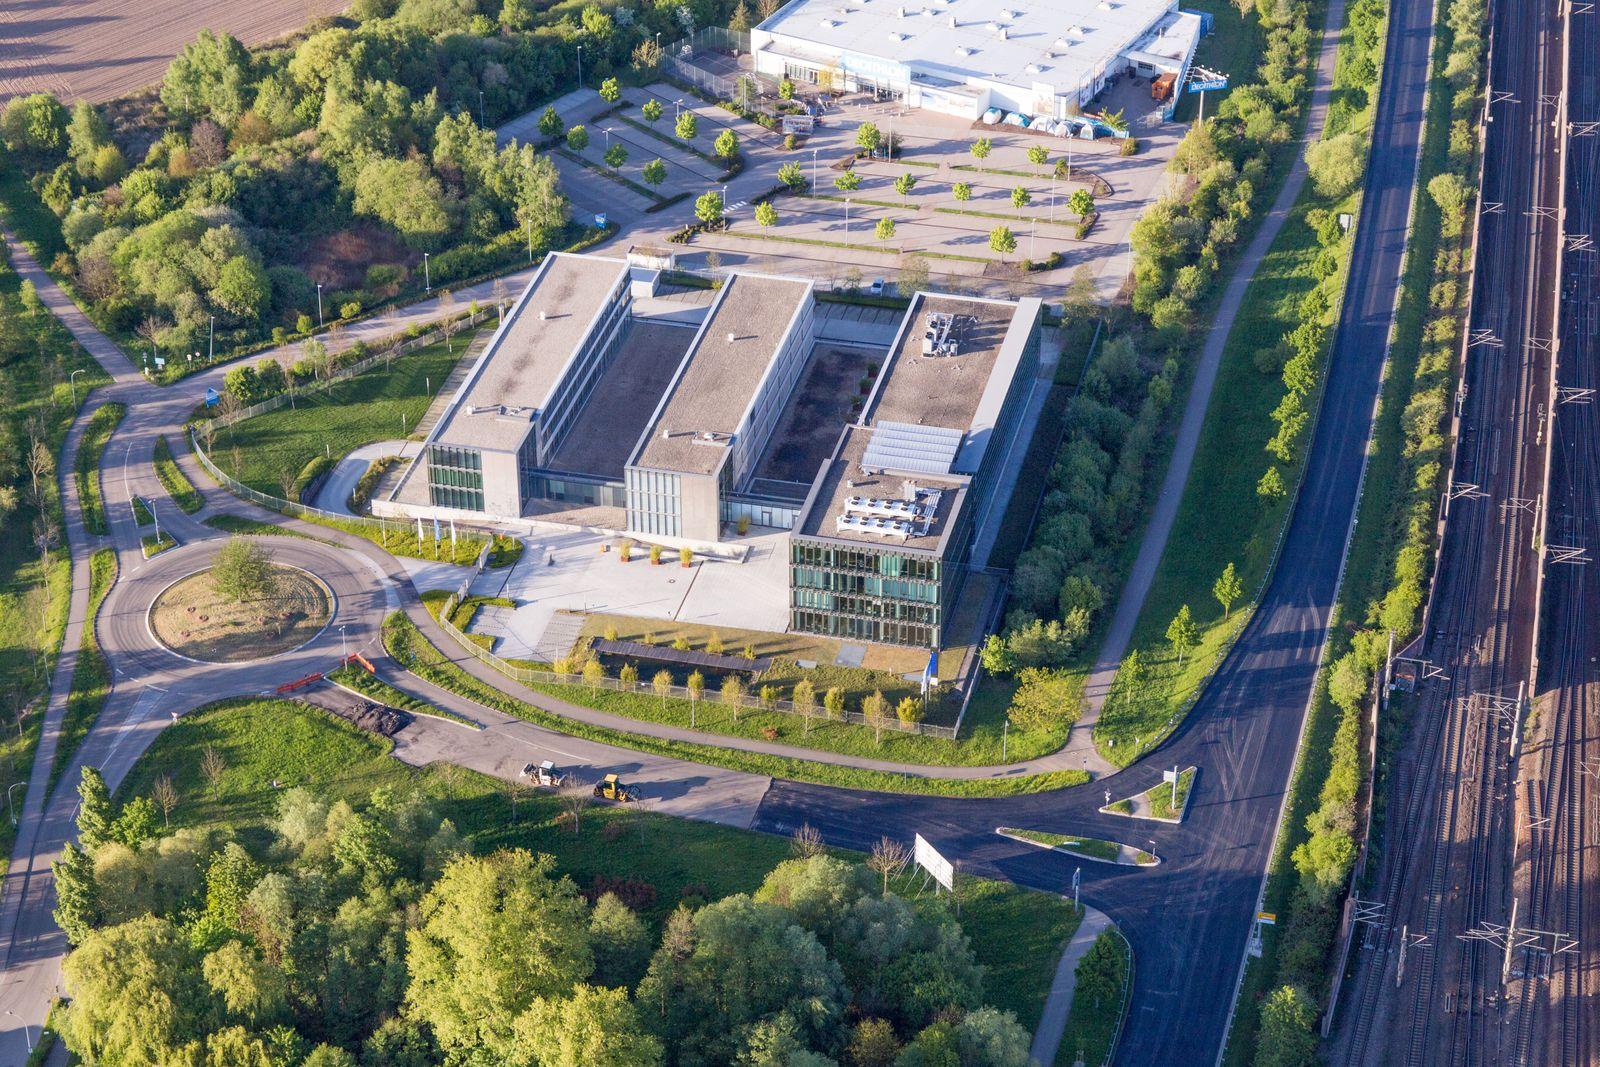 Werksgelände der GRENKE AG, Stammhaus in Baden-Baden im Bundesland Baden-Württemberg, Deutschland